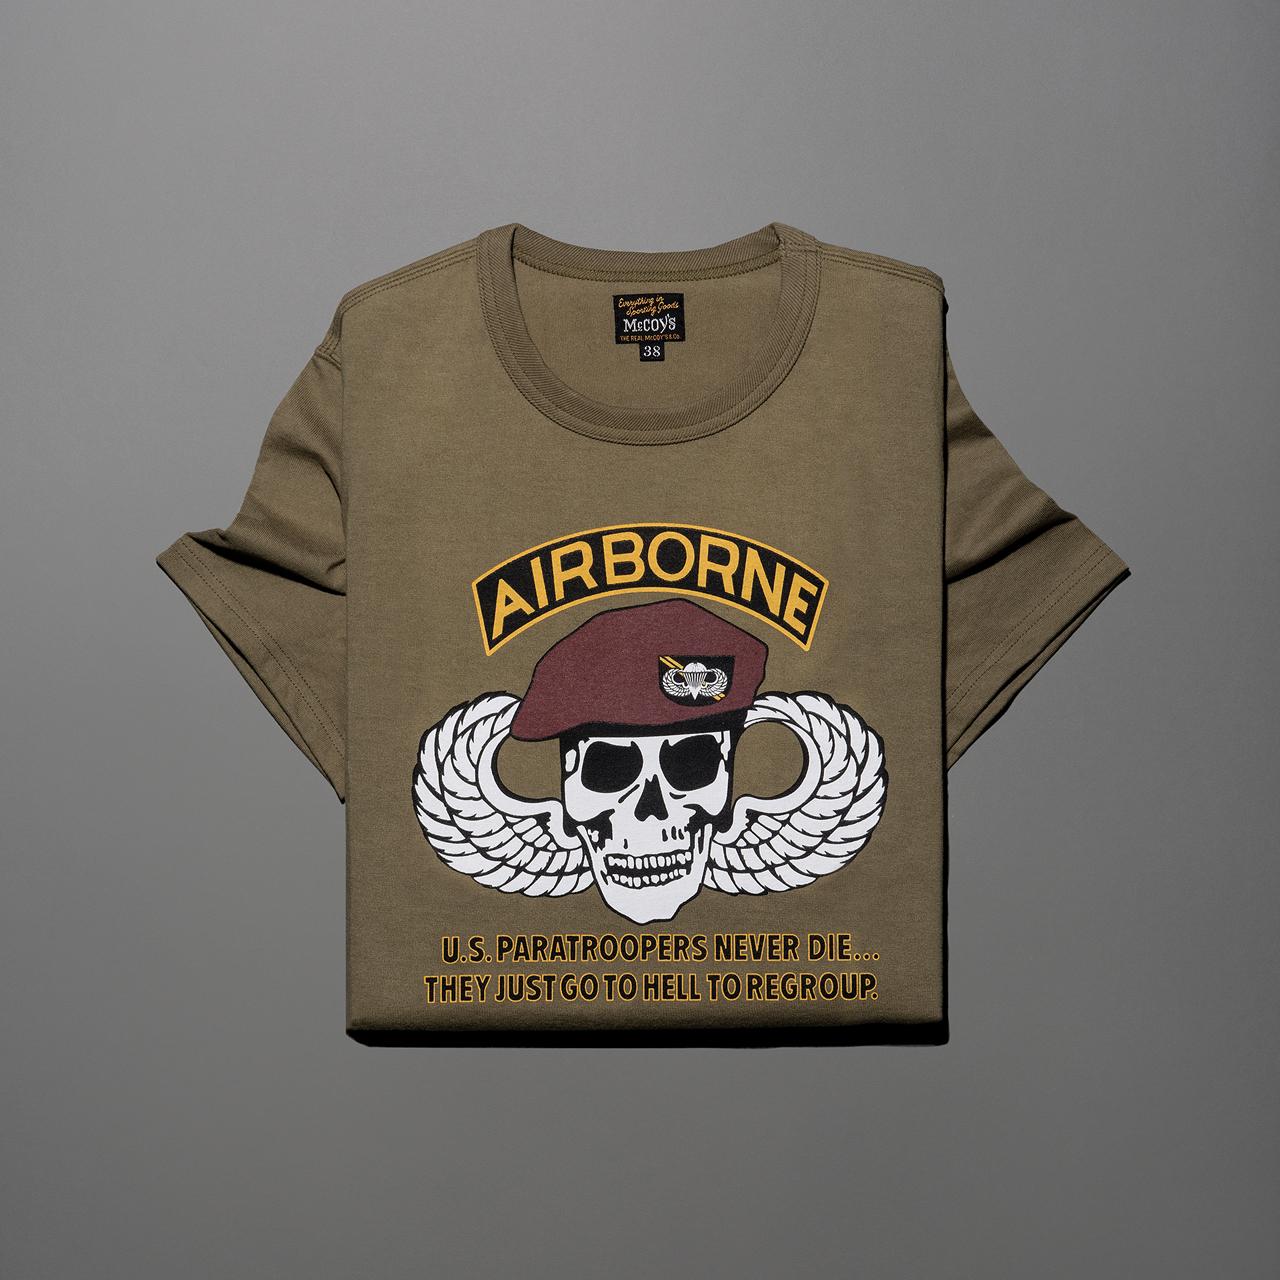 밀리터리 티셔츠 10만8000원 리얼 맥코이 by 오쿠스.